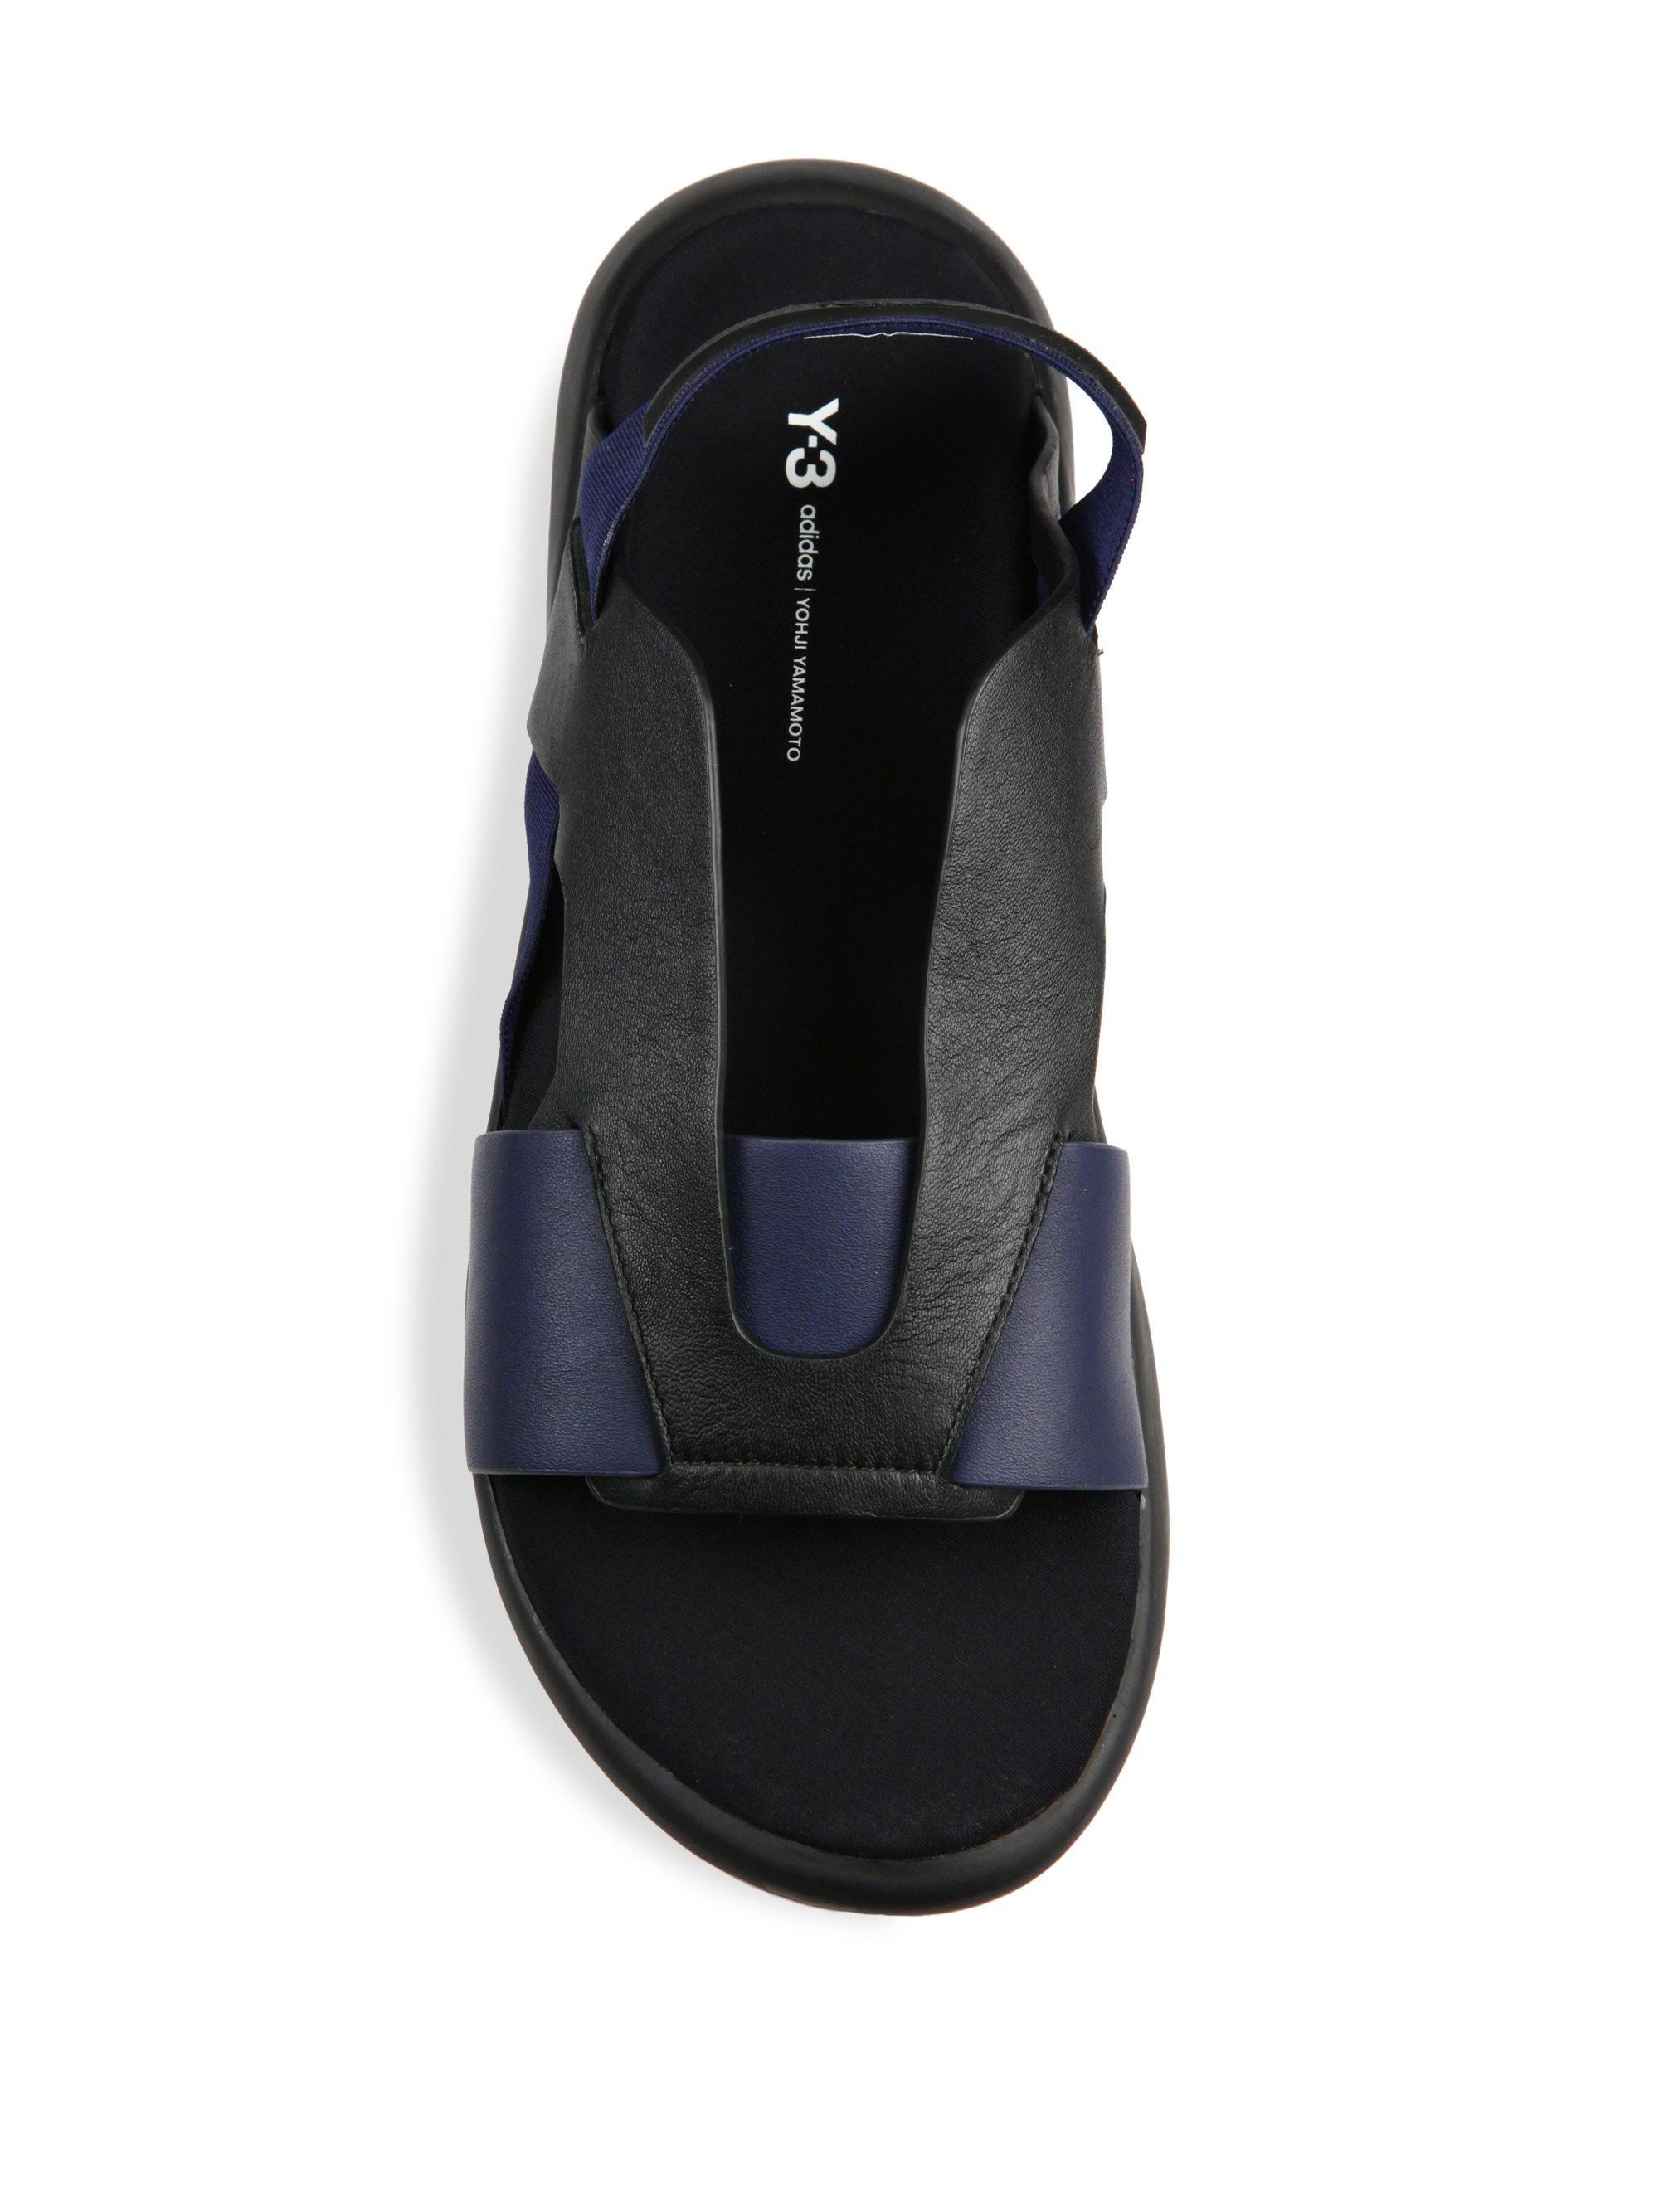 5592a6030 Y-3 Qasa Elle Sandals in Blue - Lyst